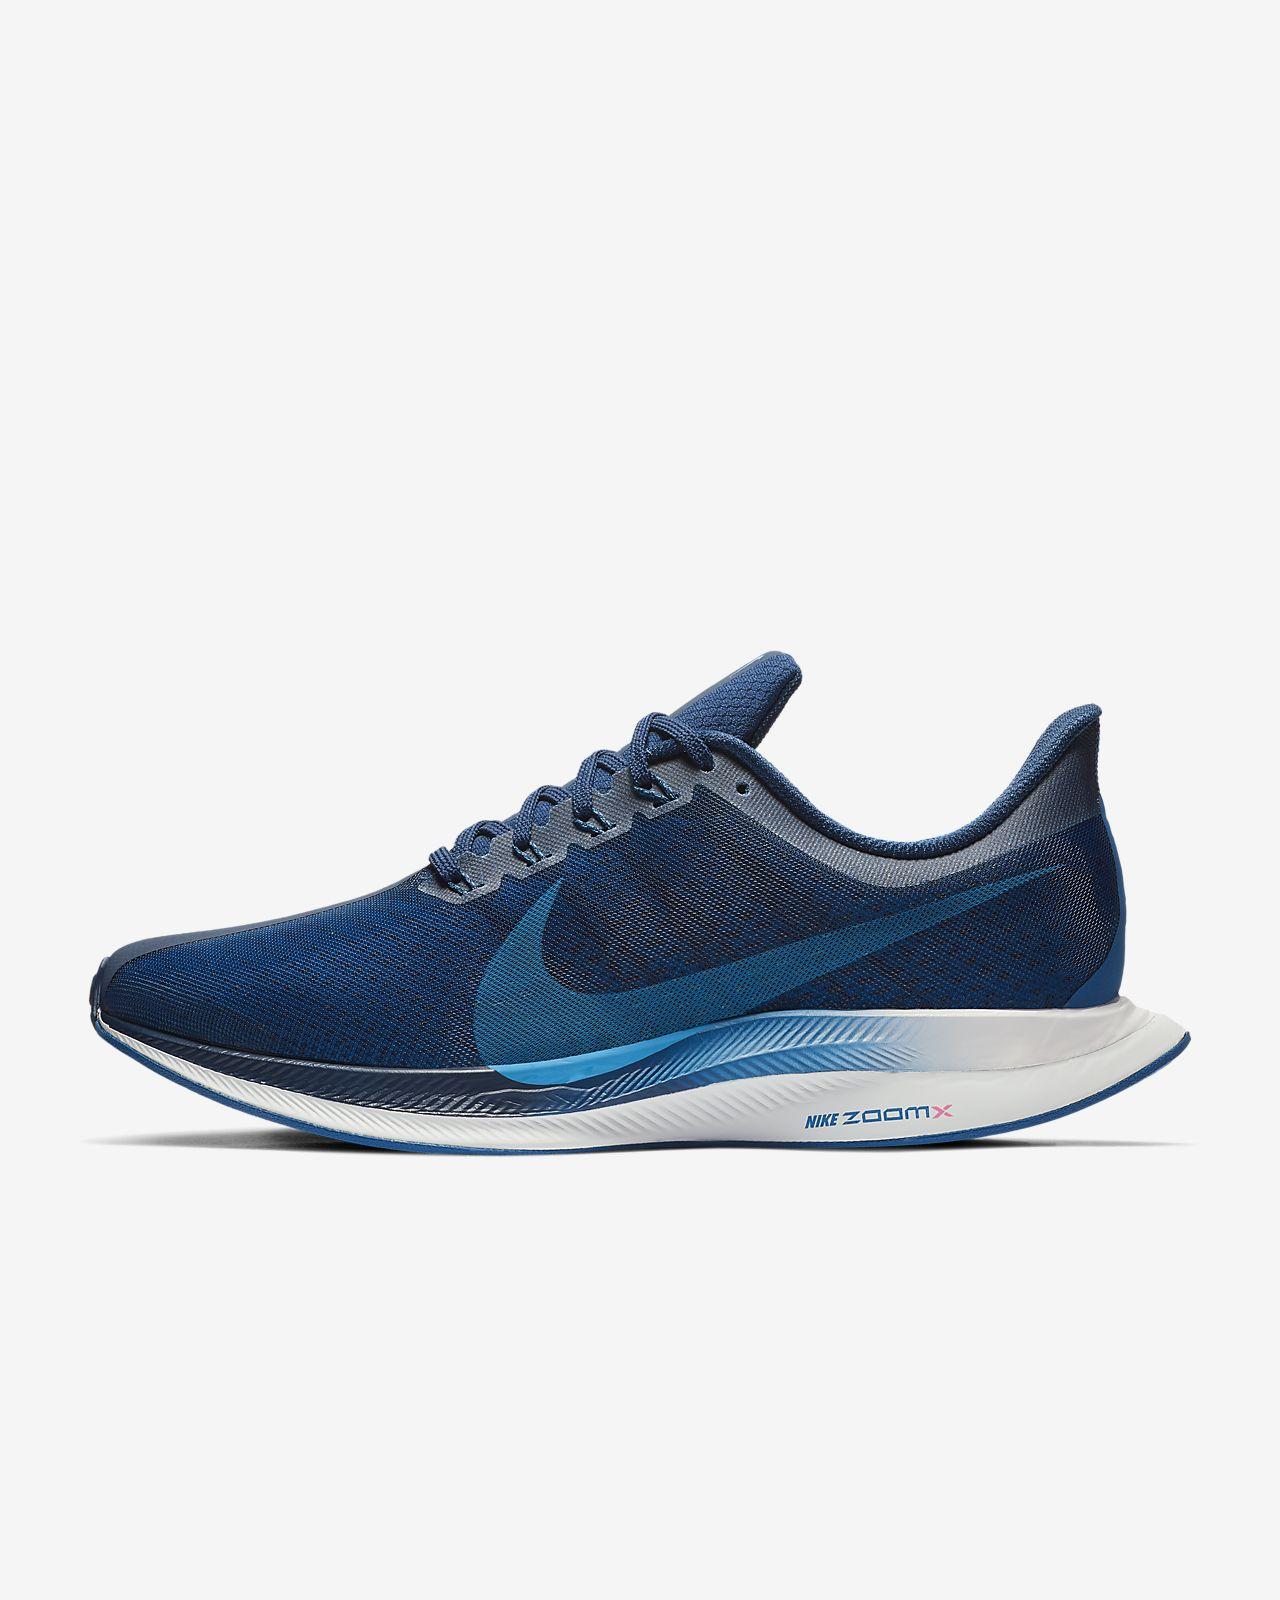 59c83a1adb61e Calzado de running para hombre Nike Zoom Pegasus Turbo. Nike.com PR